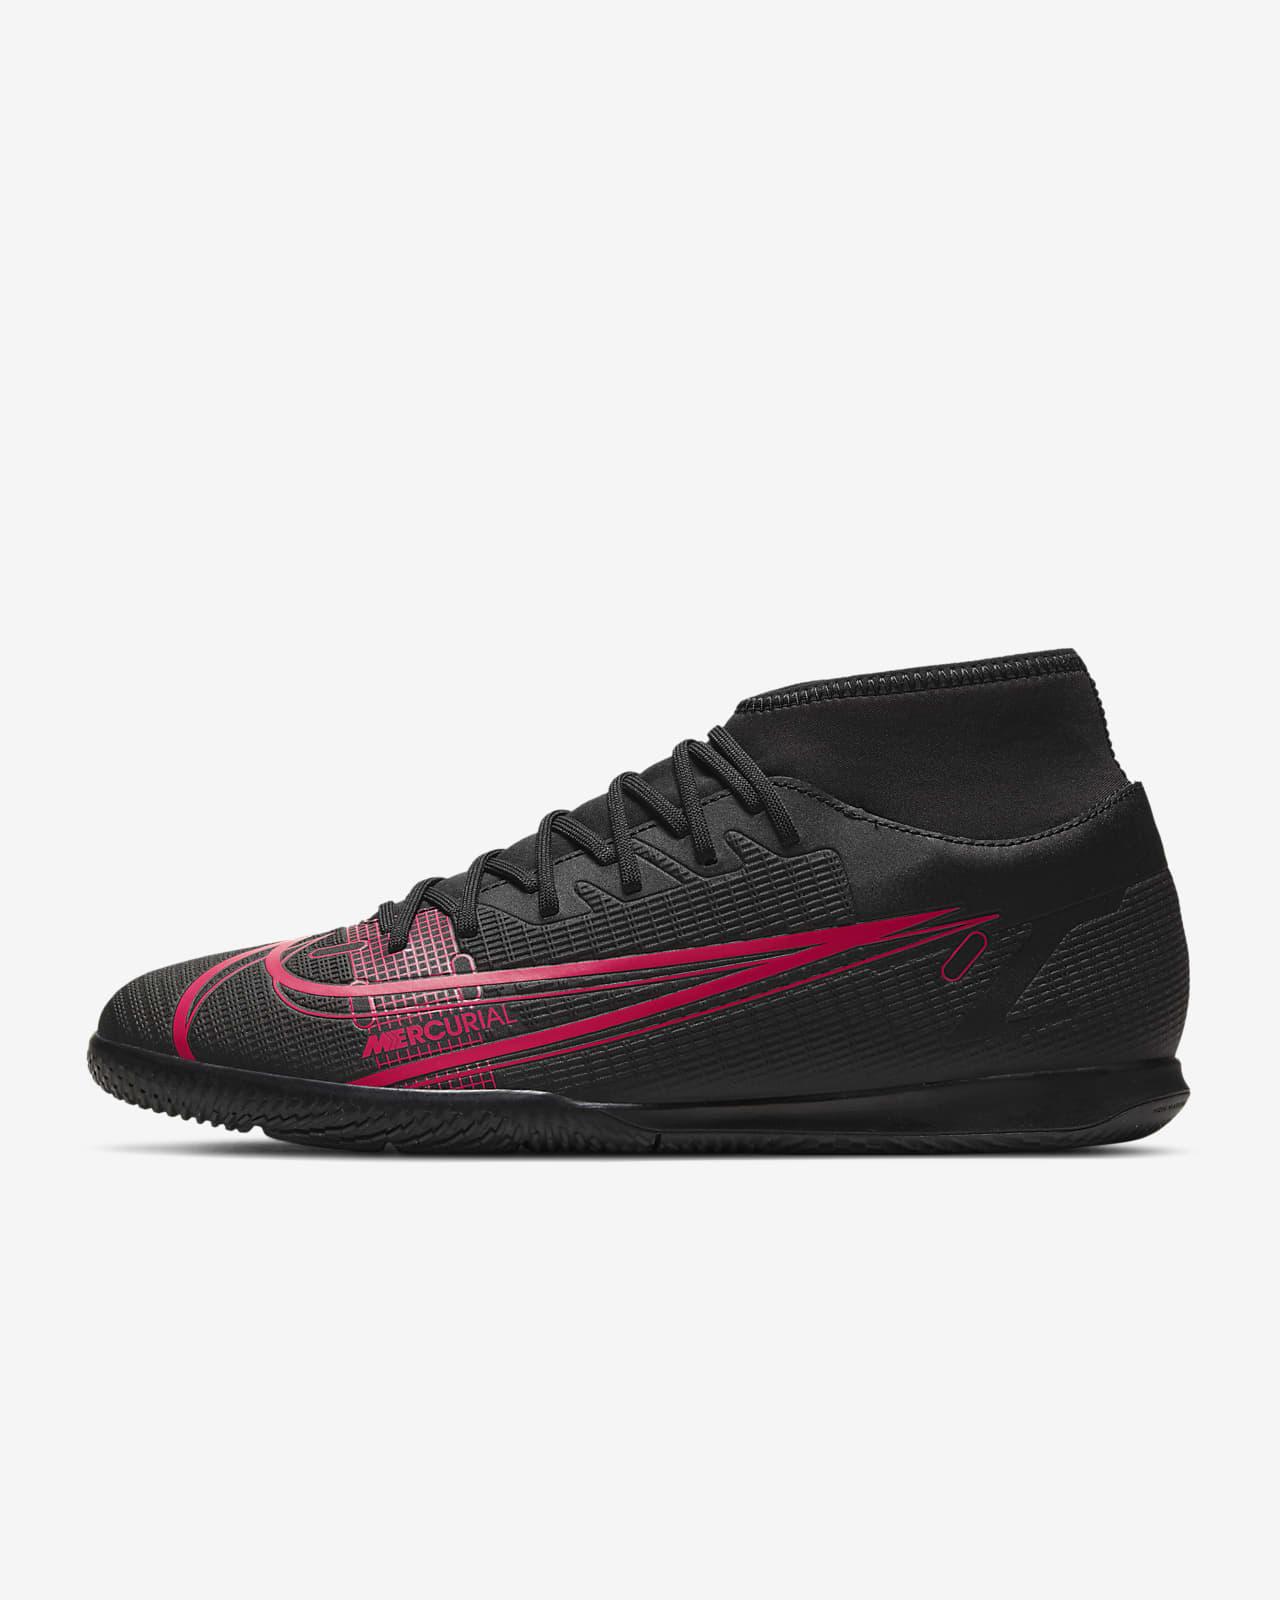 Halowe Buty Pilkarskie Nike Mercurial Superfly 8 Club Ic Nike Pl